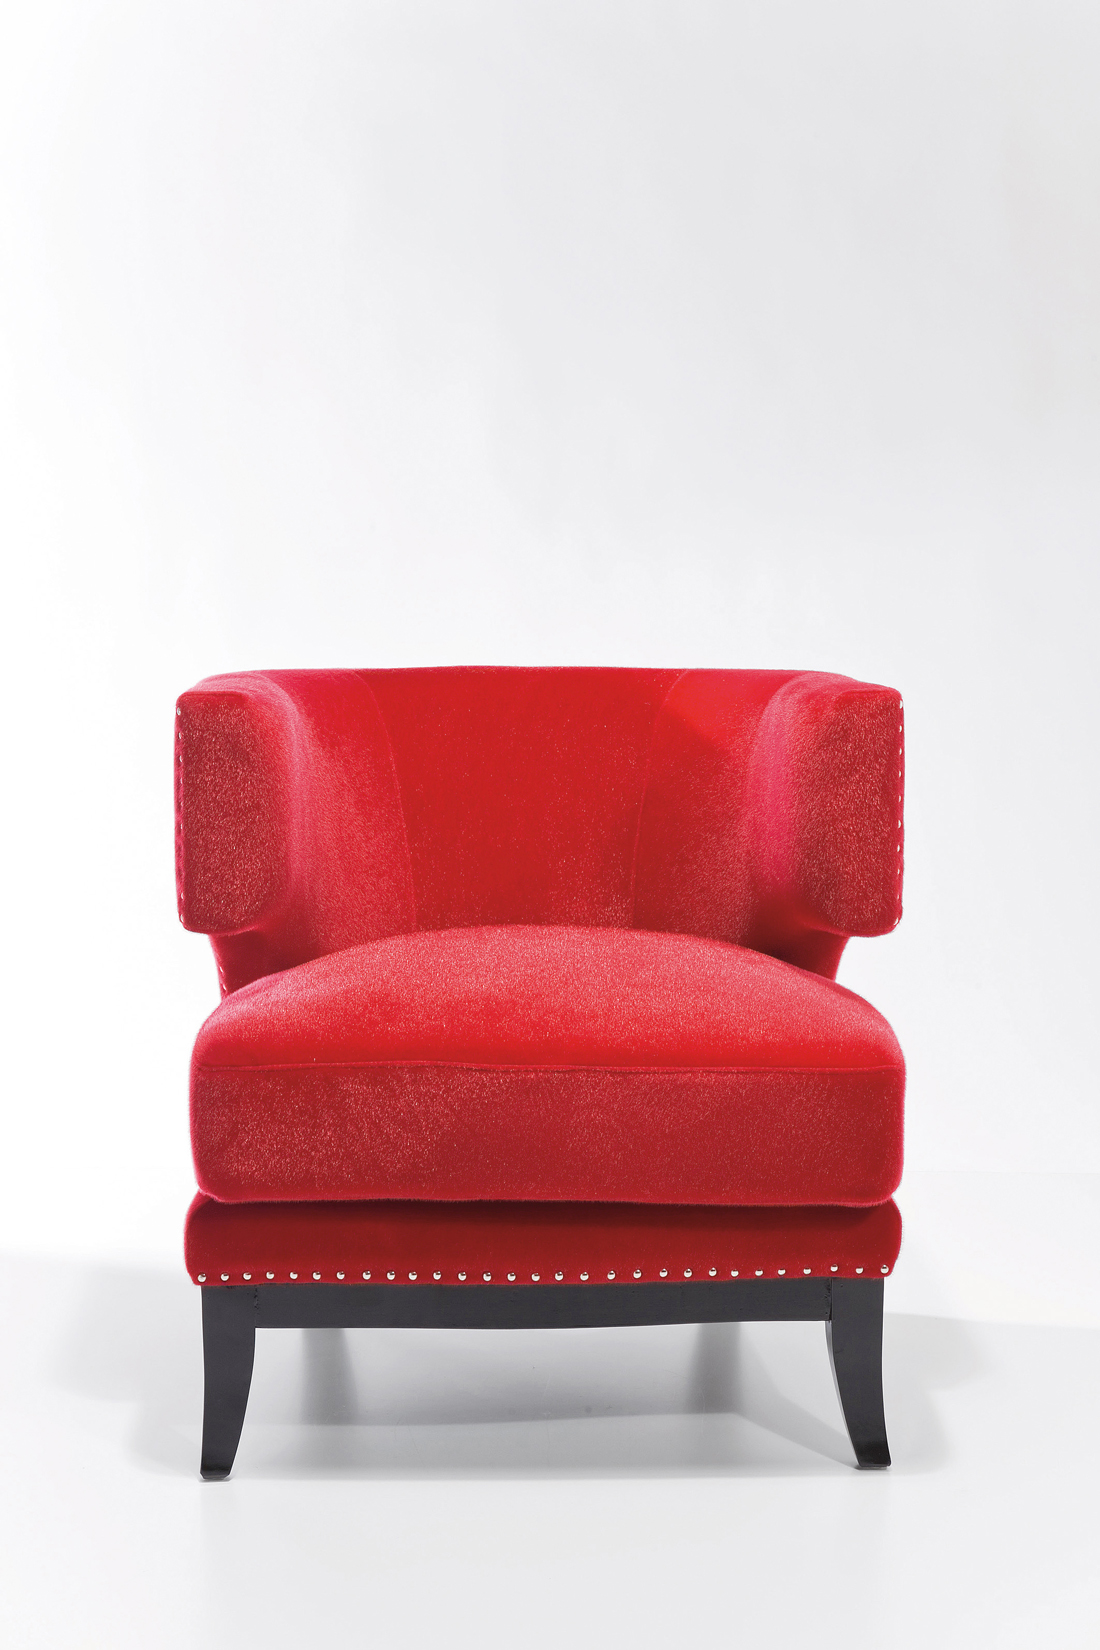 Sessel Art Deco red | R.I.C.O. Interior